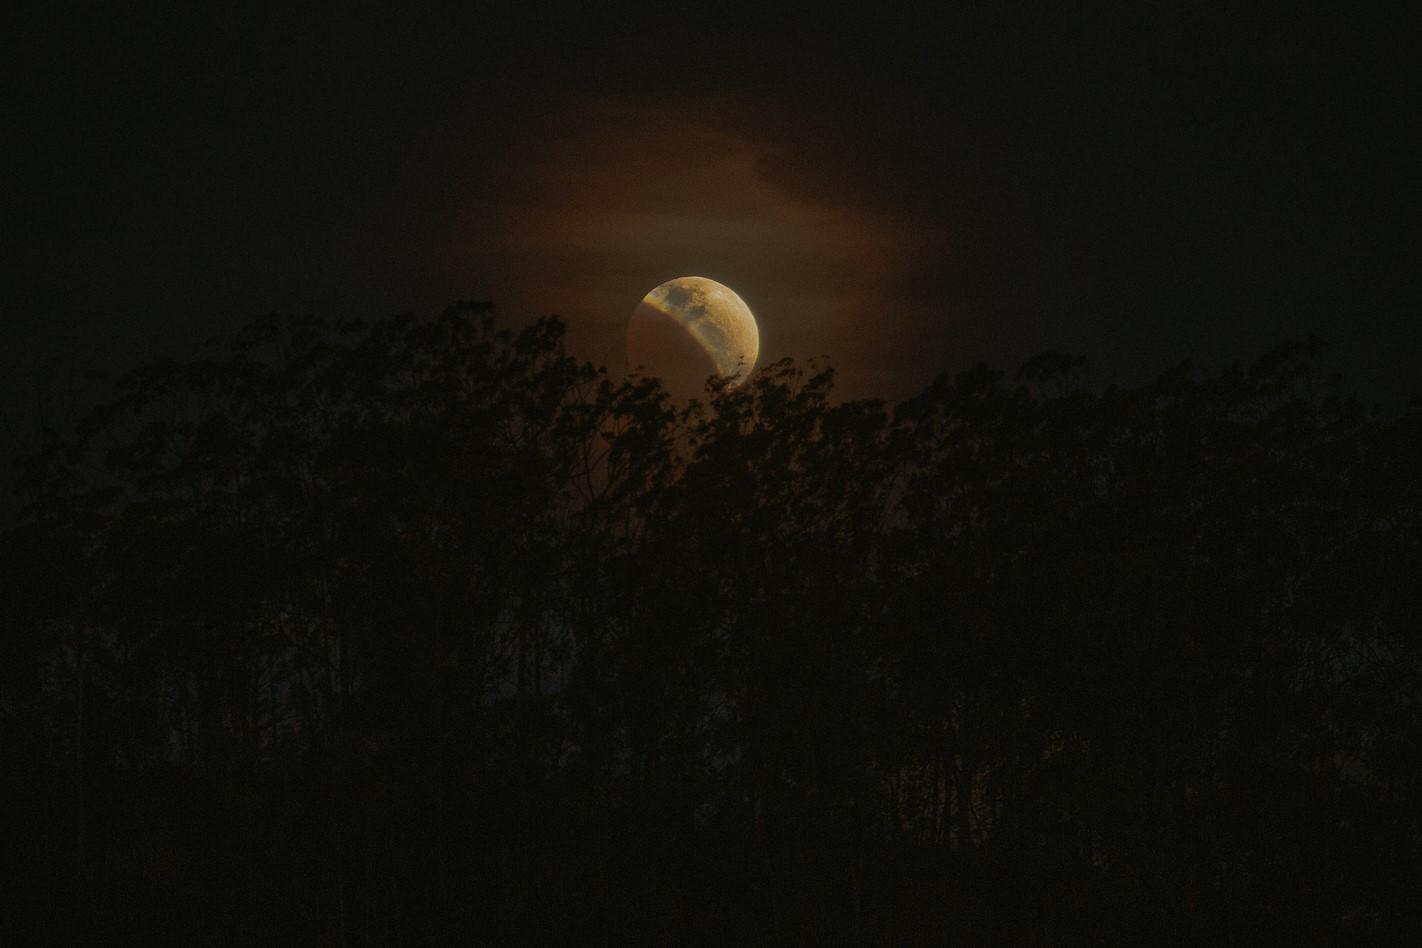 A lua eclipsada, fotografa por João Luccas de Oliveira em Nova Friburgo